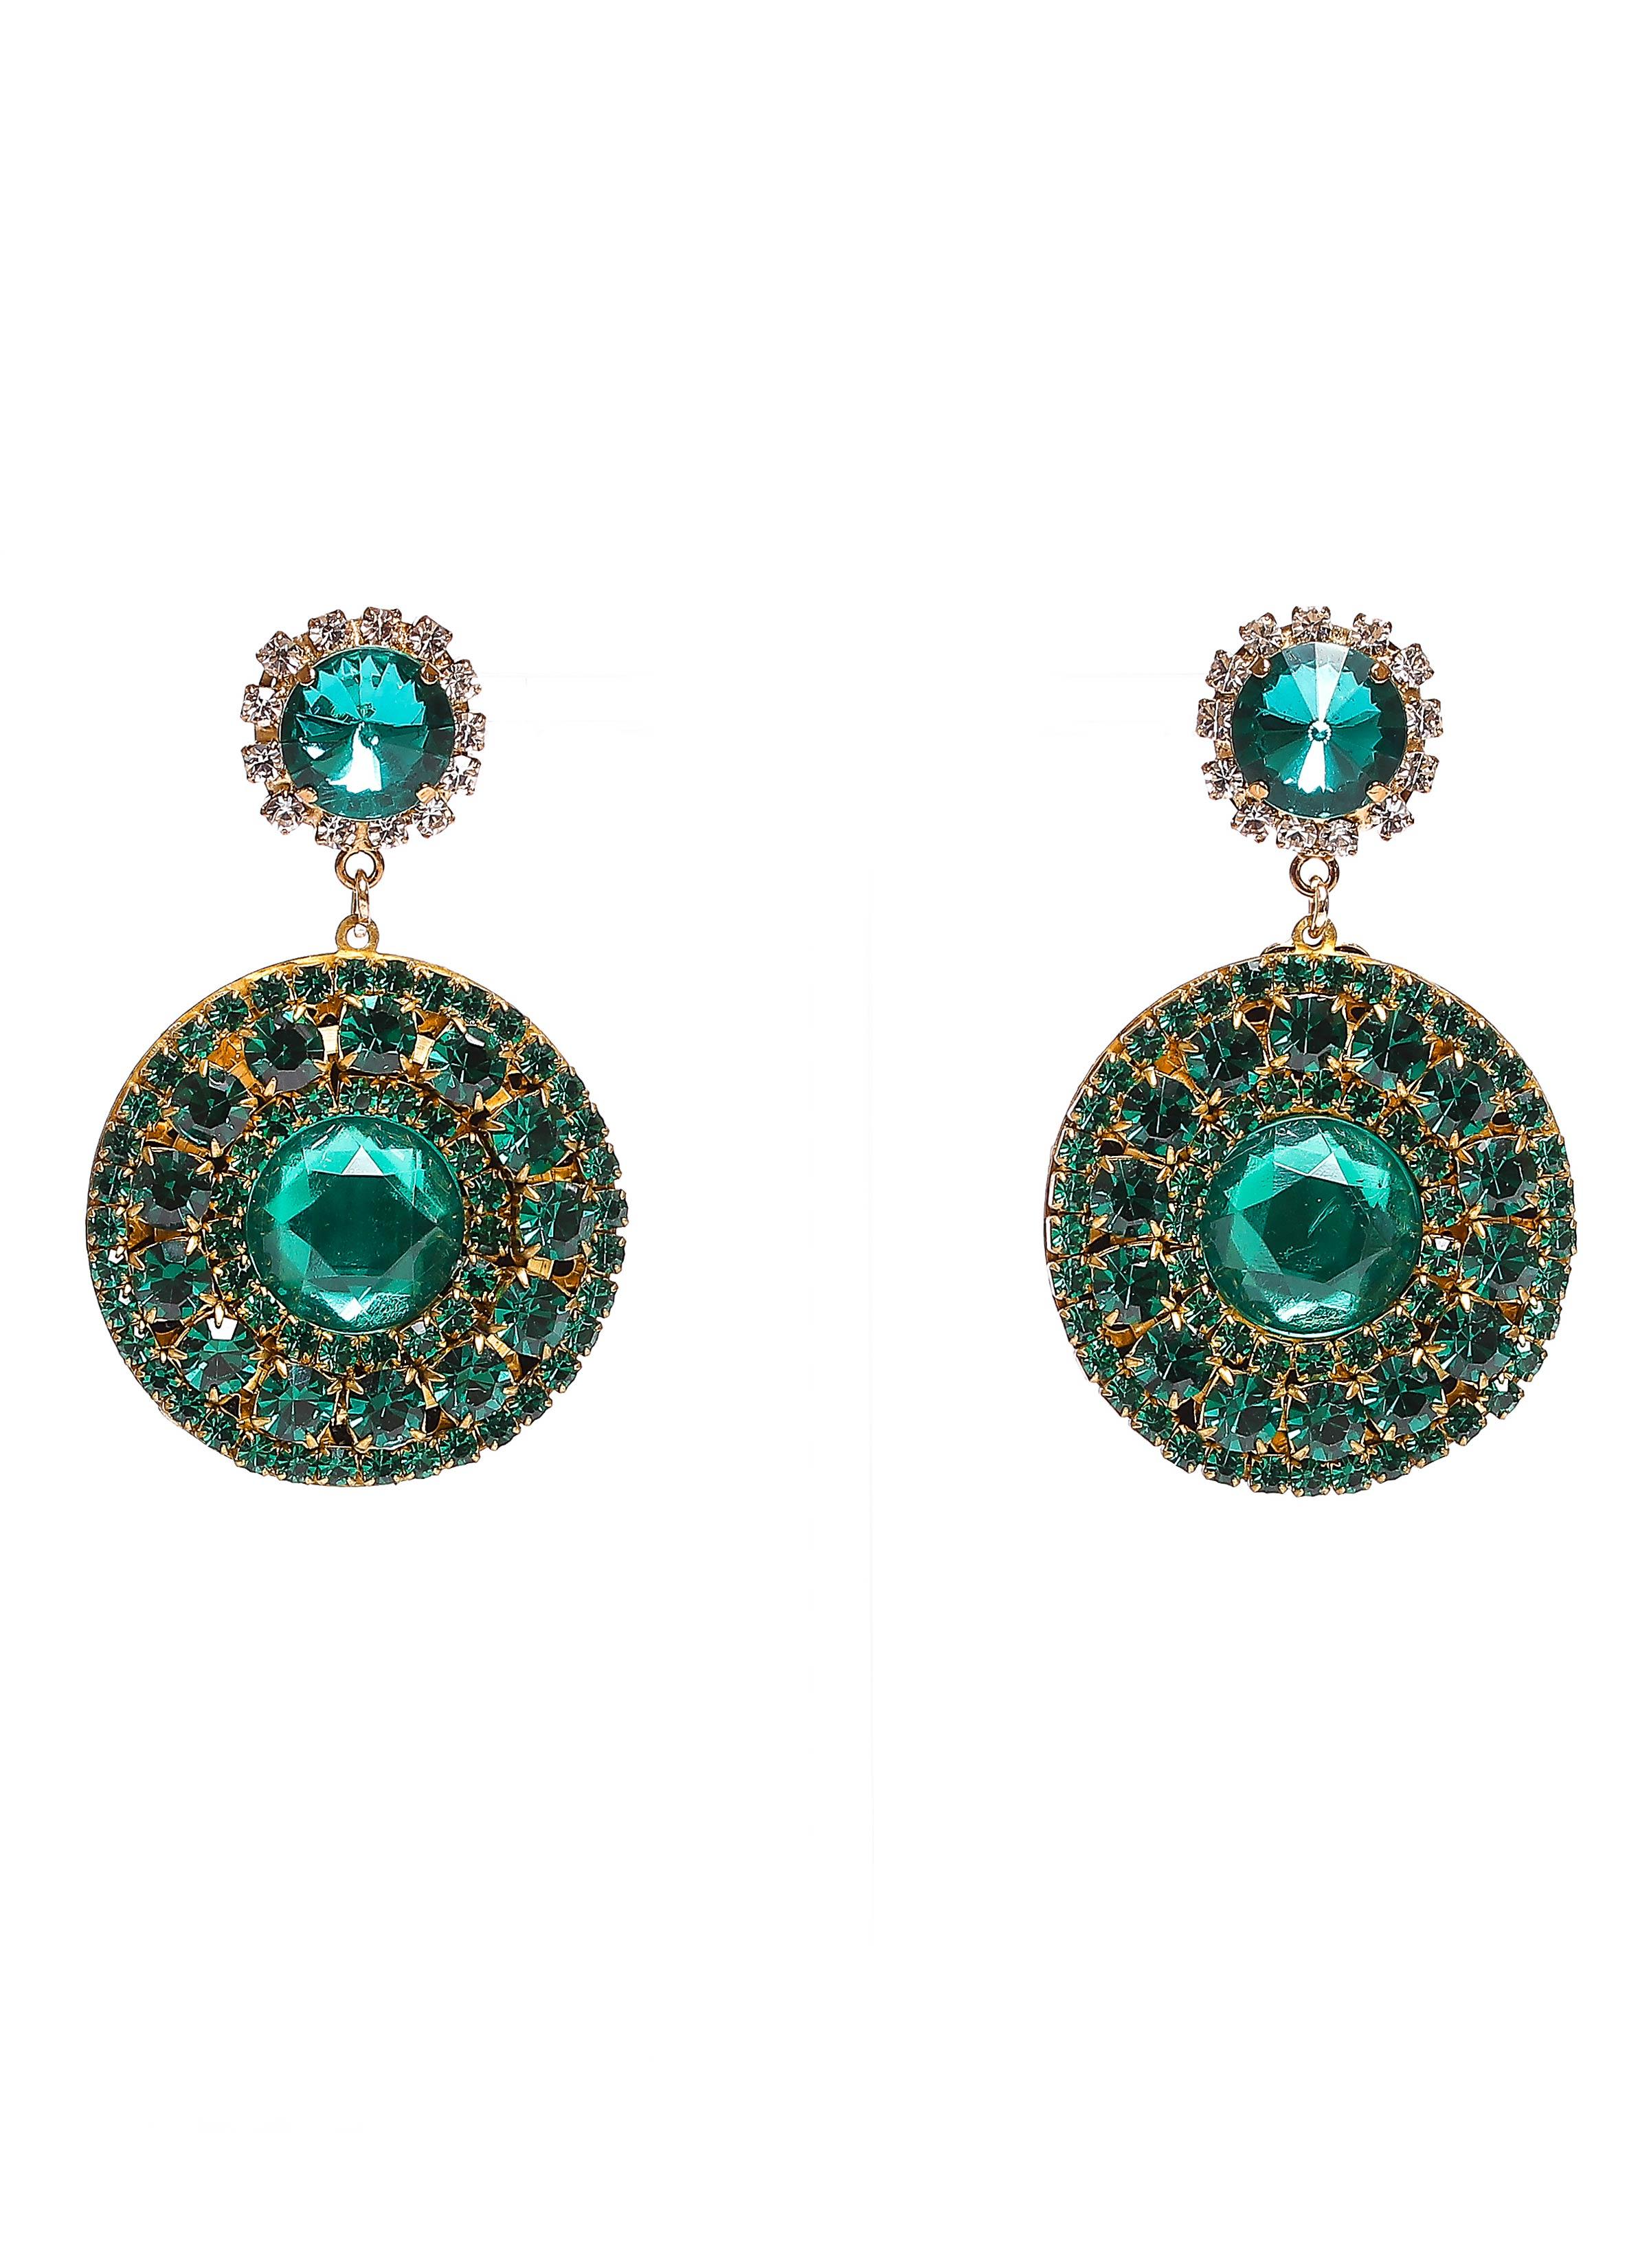 nuovi arrivi 8cb44 40d86 Collezione swarovski | Orecchini con pietre verde smeraldo